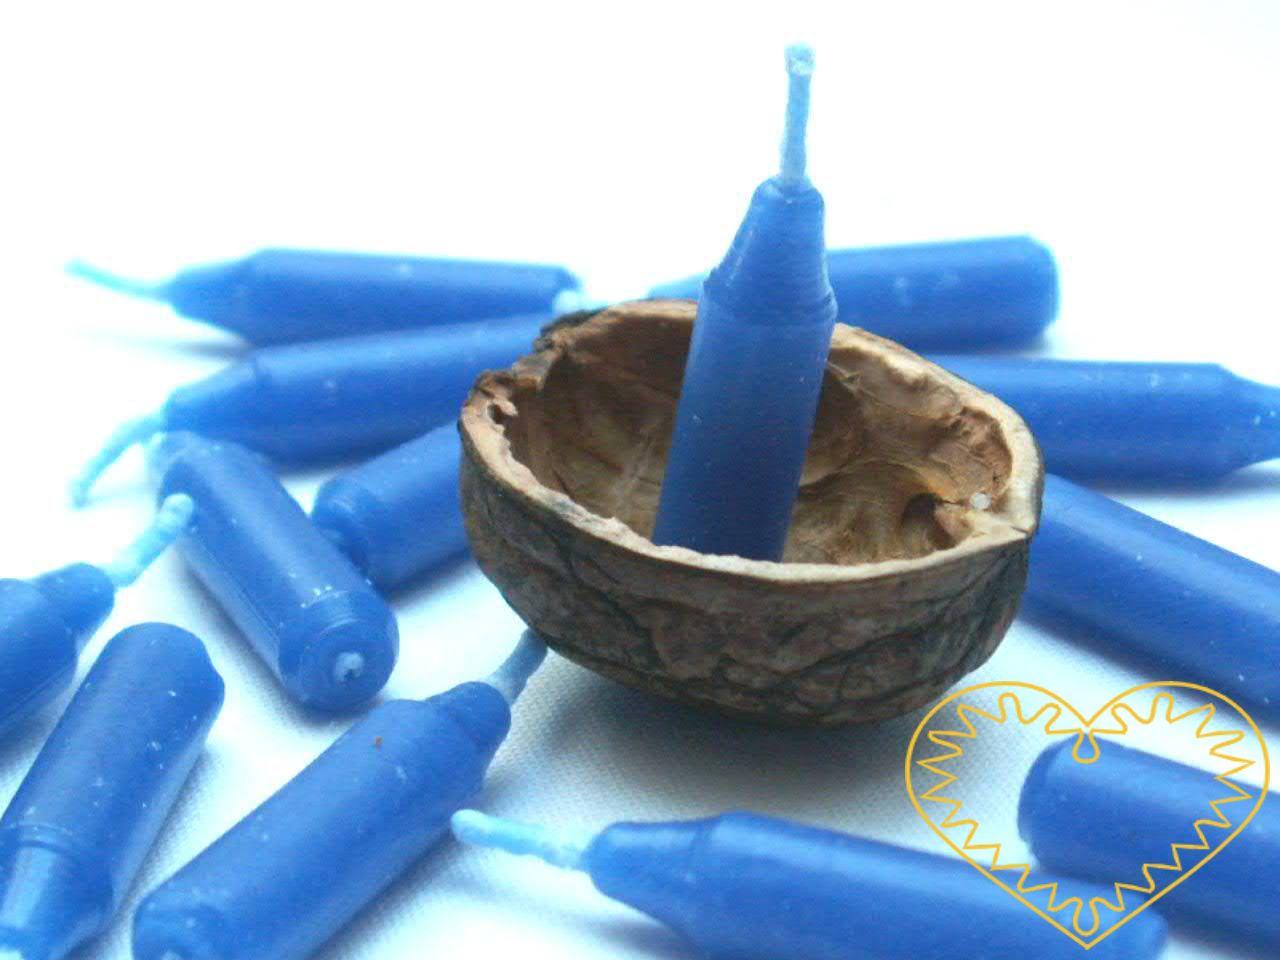 Speciální malé modré vánoční svíčky, které jsou svou velikostí uzpůsobeny na výrobu lodiček z ořechových skořápek. Pouštění skořápkových lodiček se zapálenými svíčičkami je staročeský zvyk, který se praktikuje o Štědrém večeru. Sleduje se, čí lodička